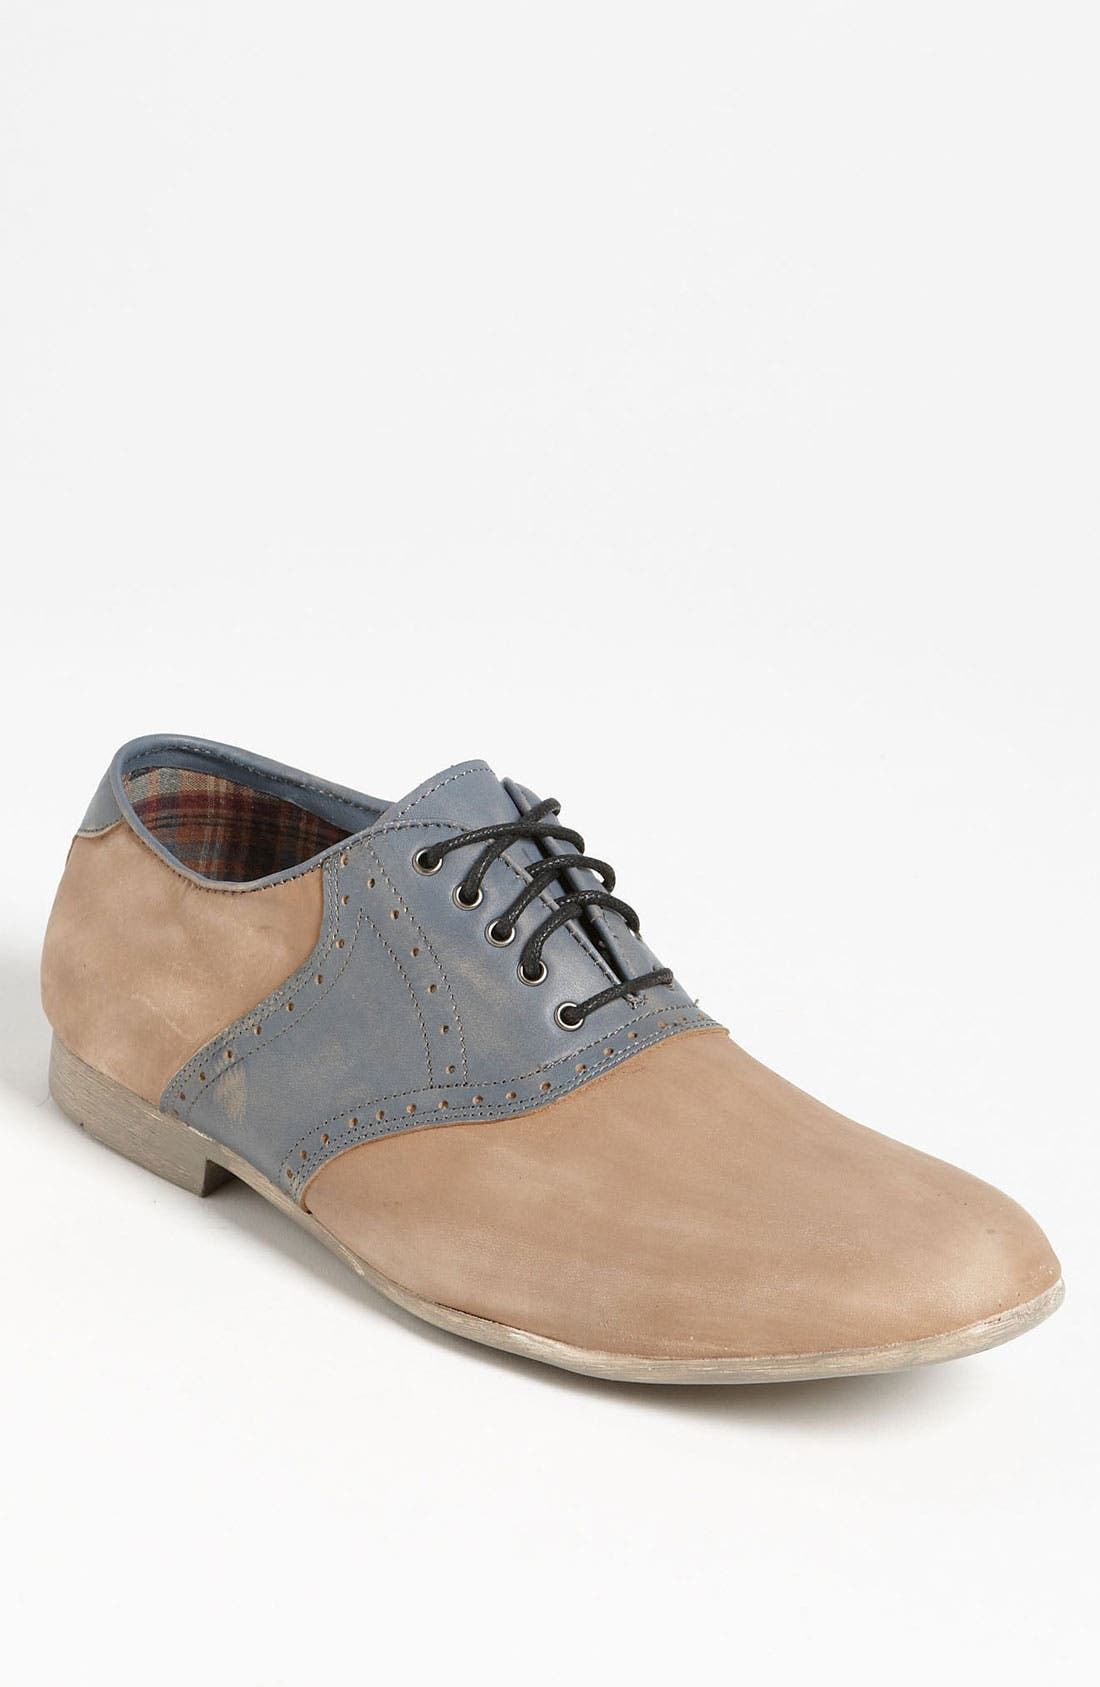 Main Image - Bed Stu 'Orleans' Saddle Shoe